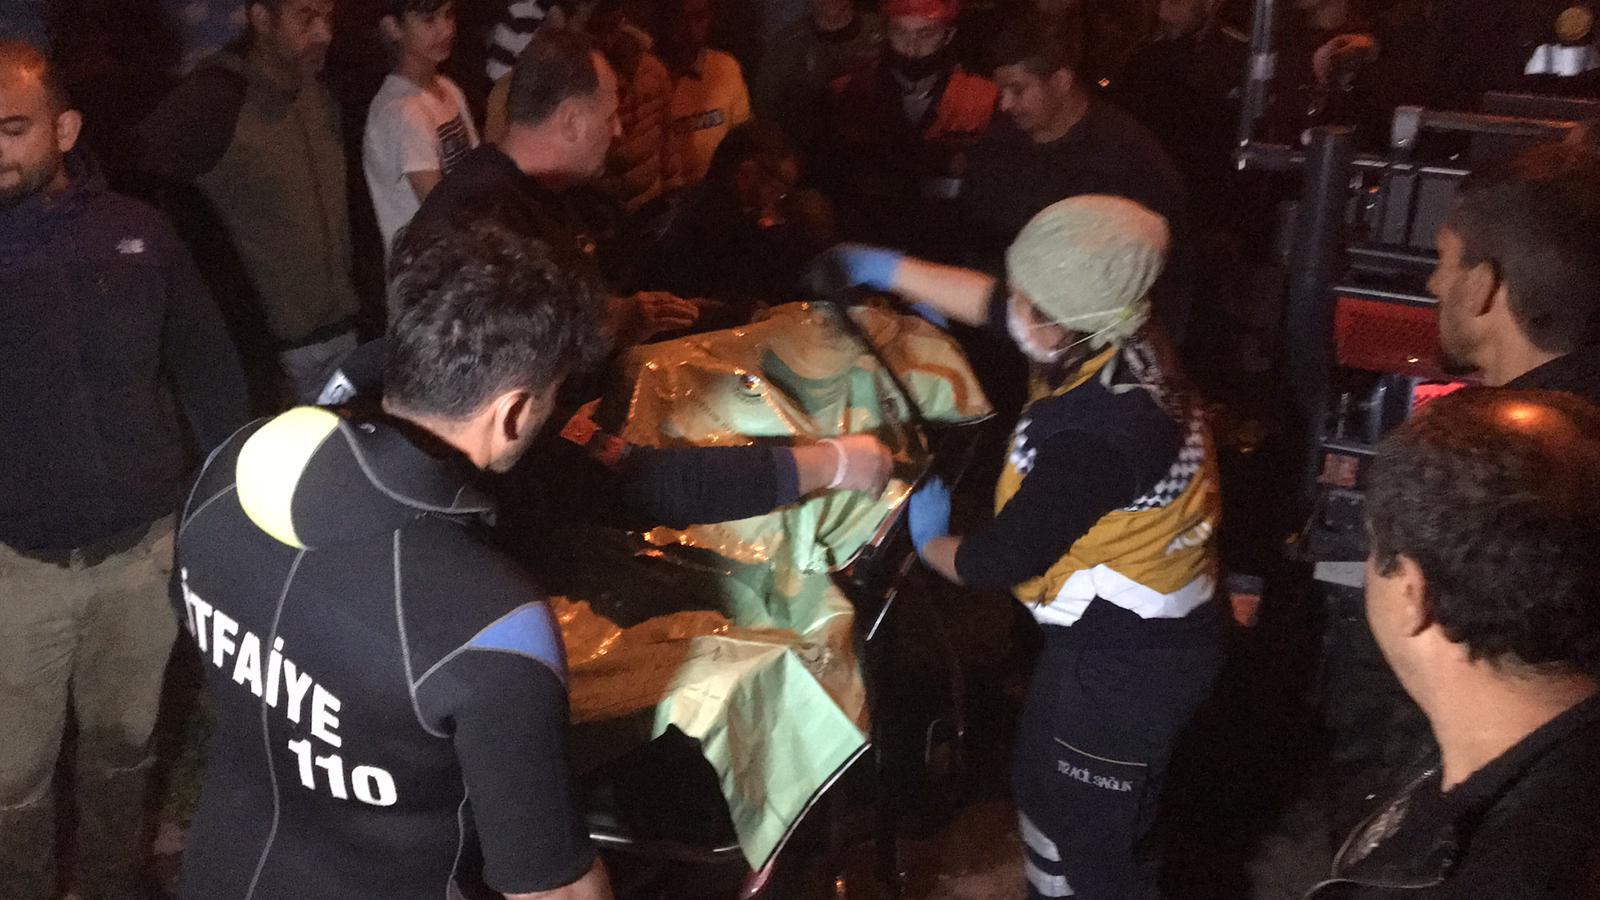 Tekme attığı korkuluk kırılınca dereye düşüp yaralandı